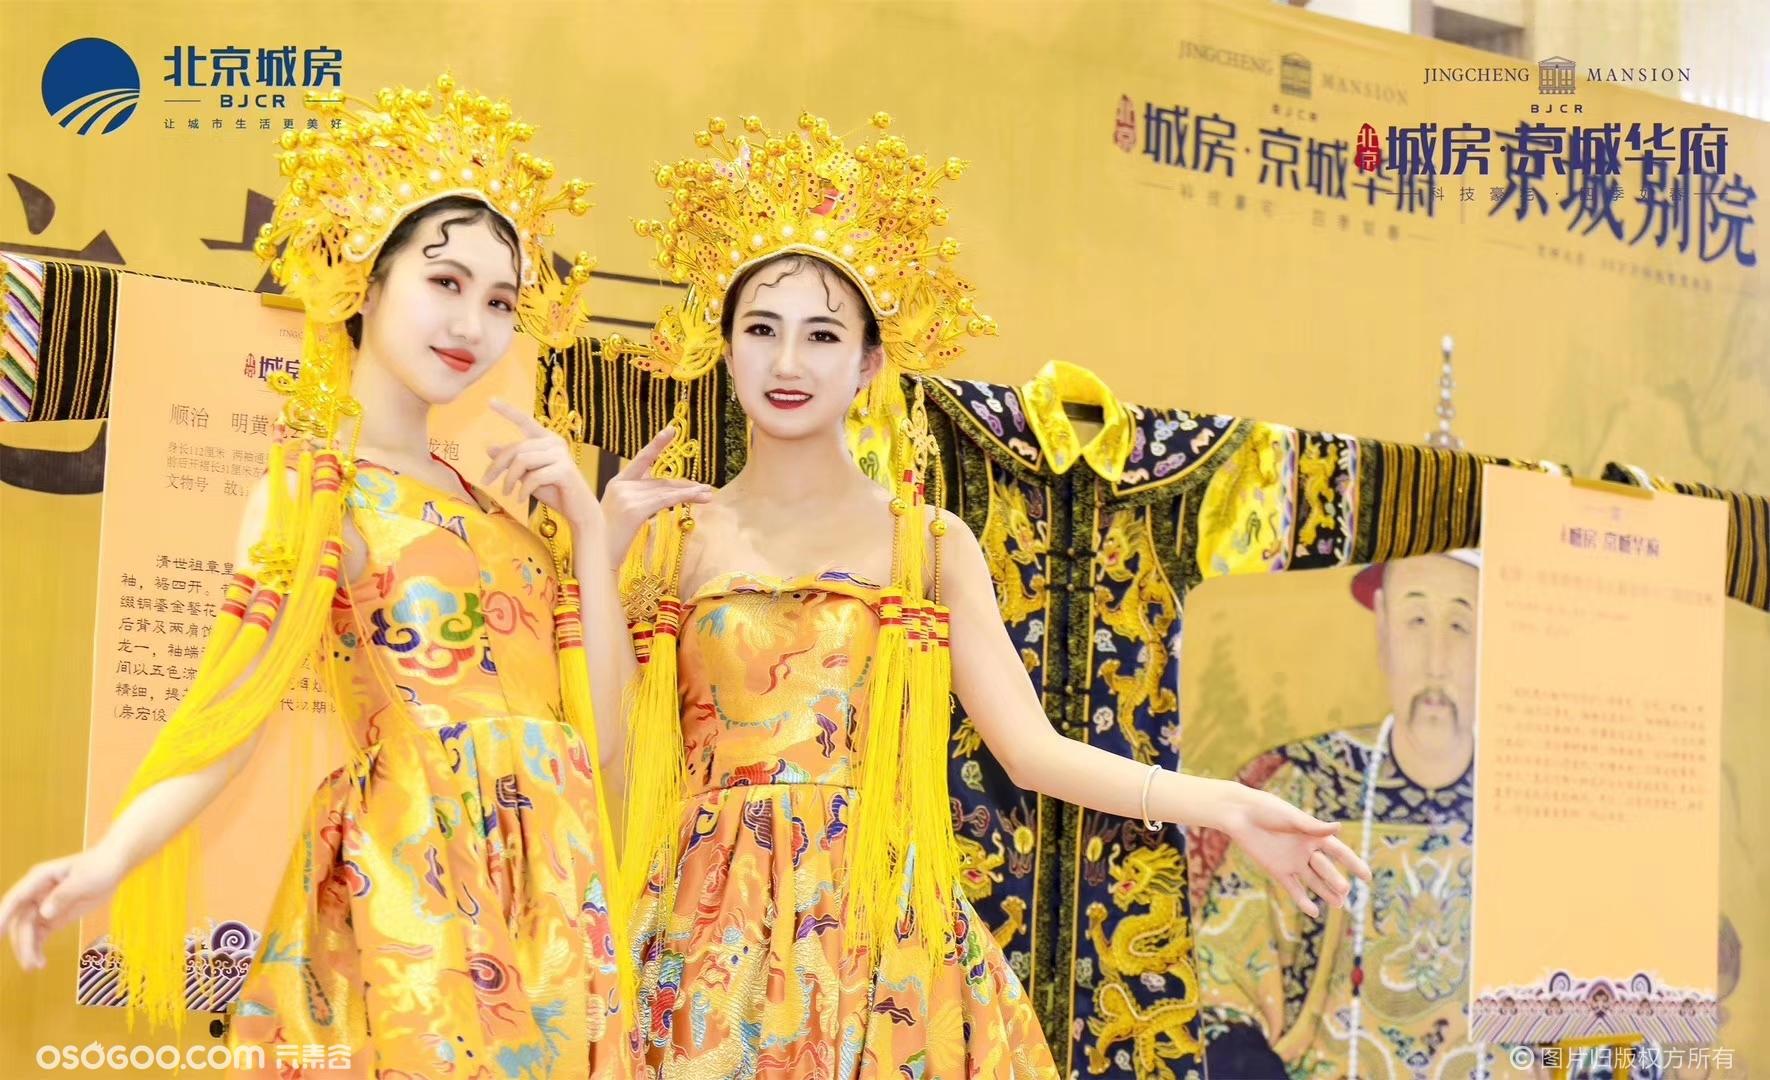 龙袍 玉玺 十二兽首 展览展示美陈道具